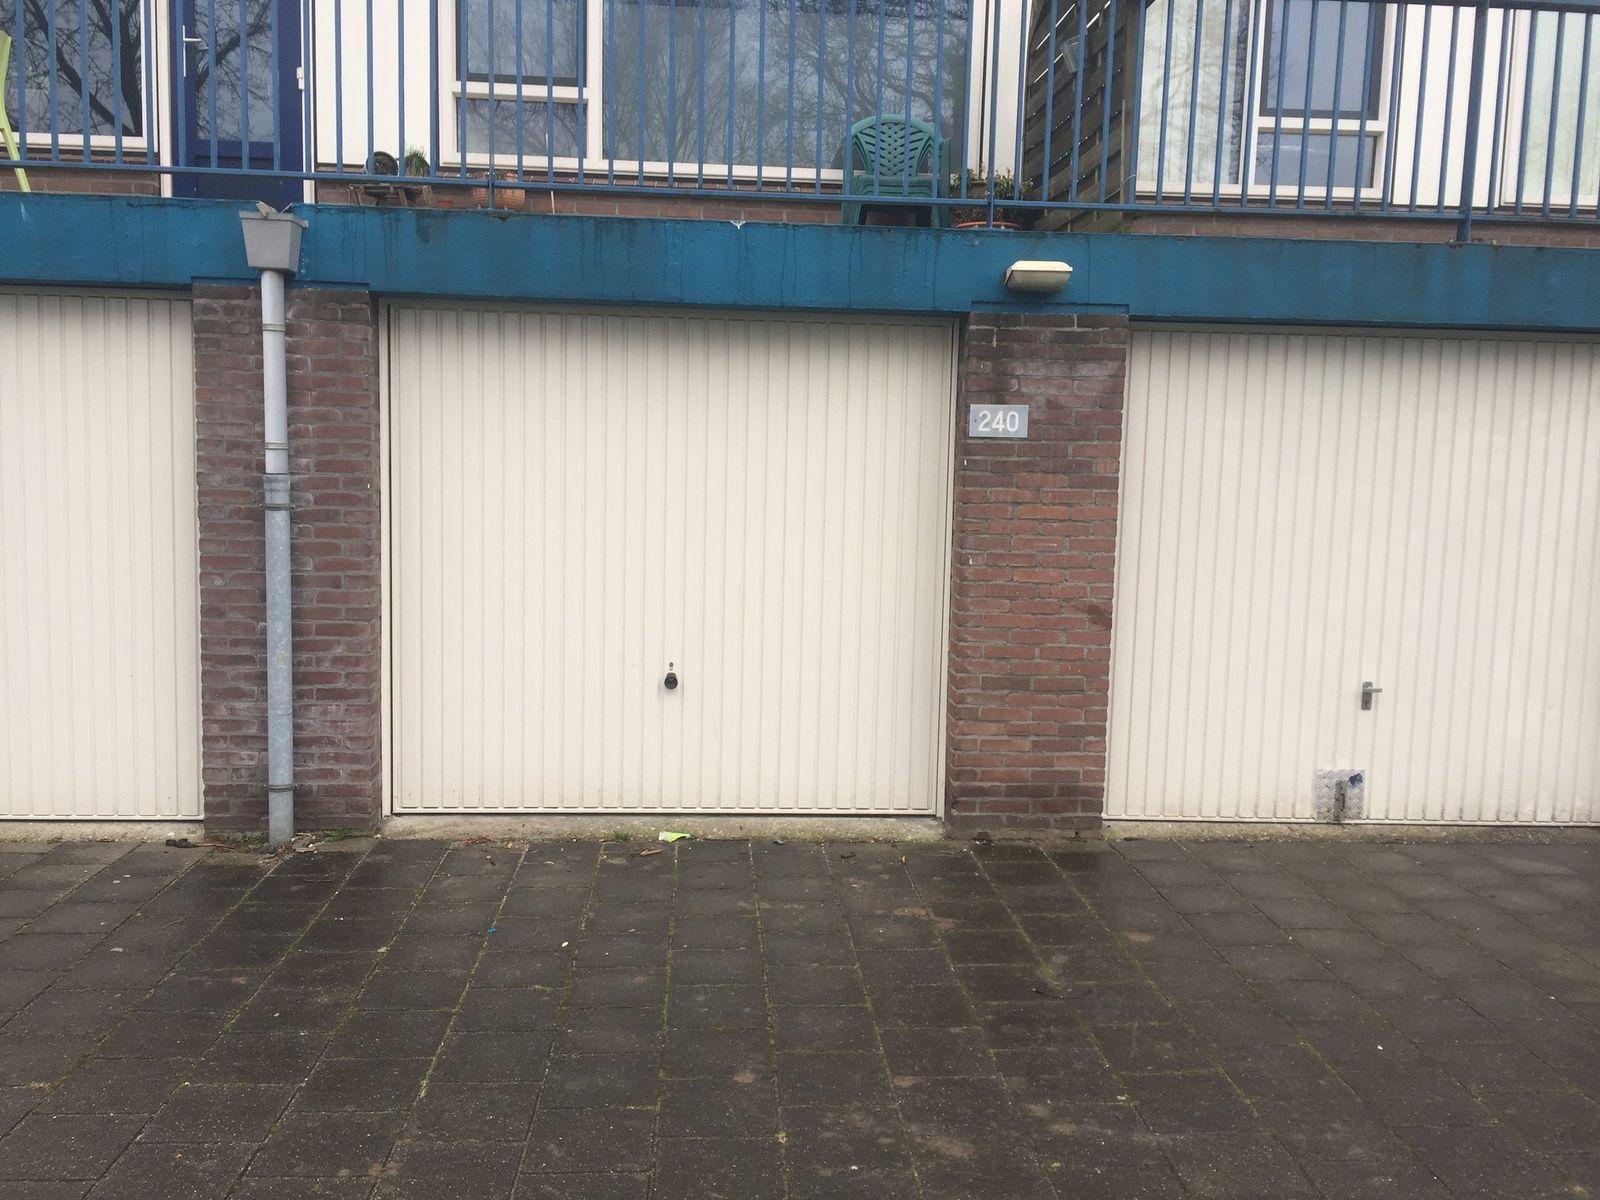 Aubadestraat 240, Nijmegen